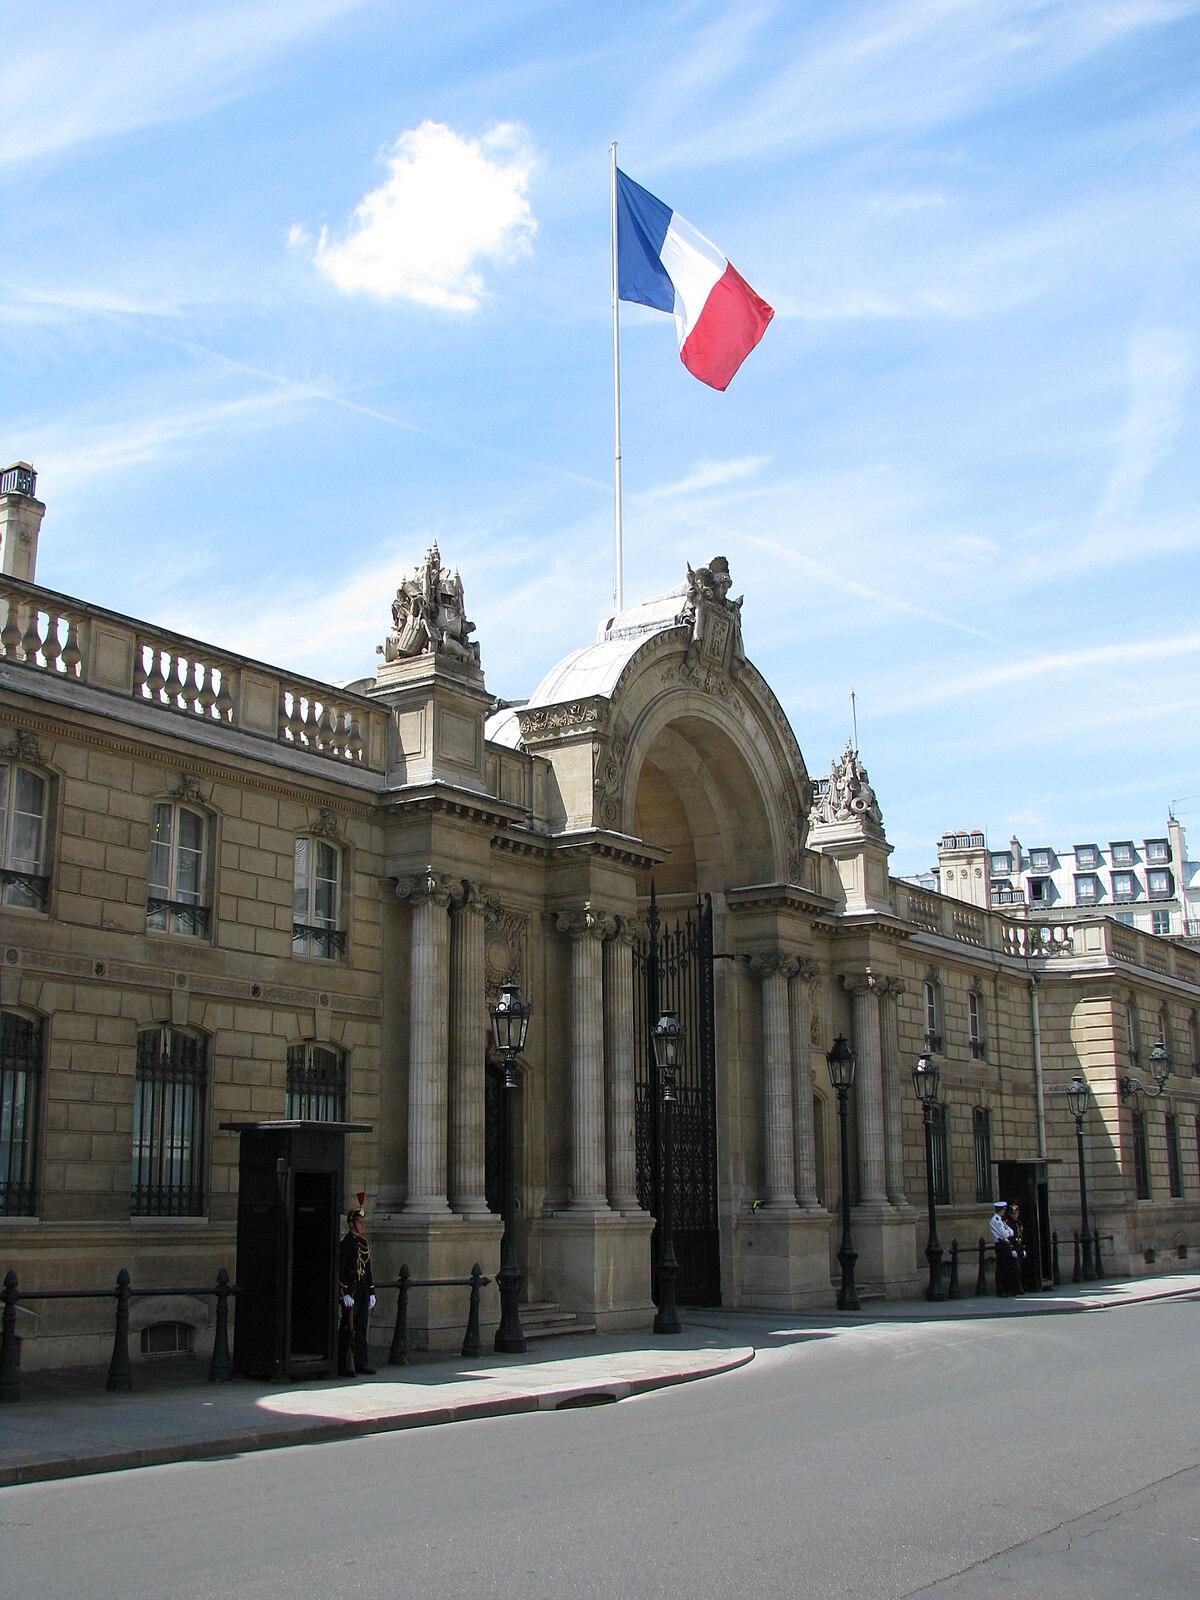 Cabinet du pr sident de la r publique fran aise wikip dia - Cabinet de la presidence de la republique ...